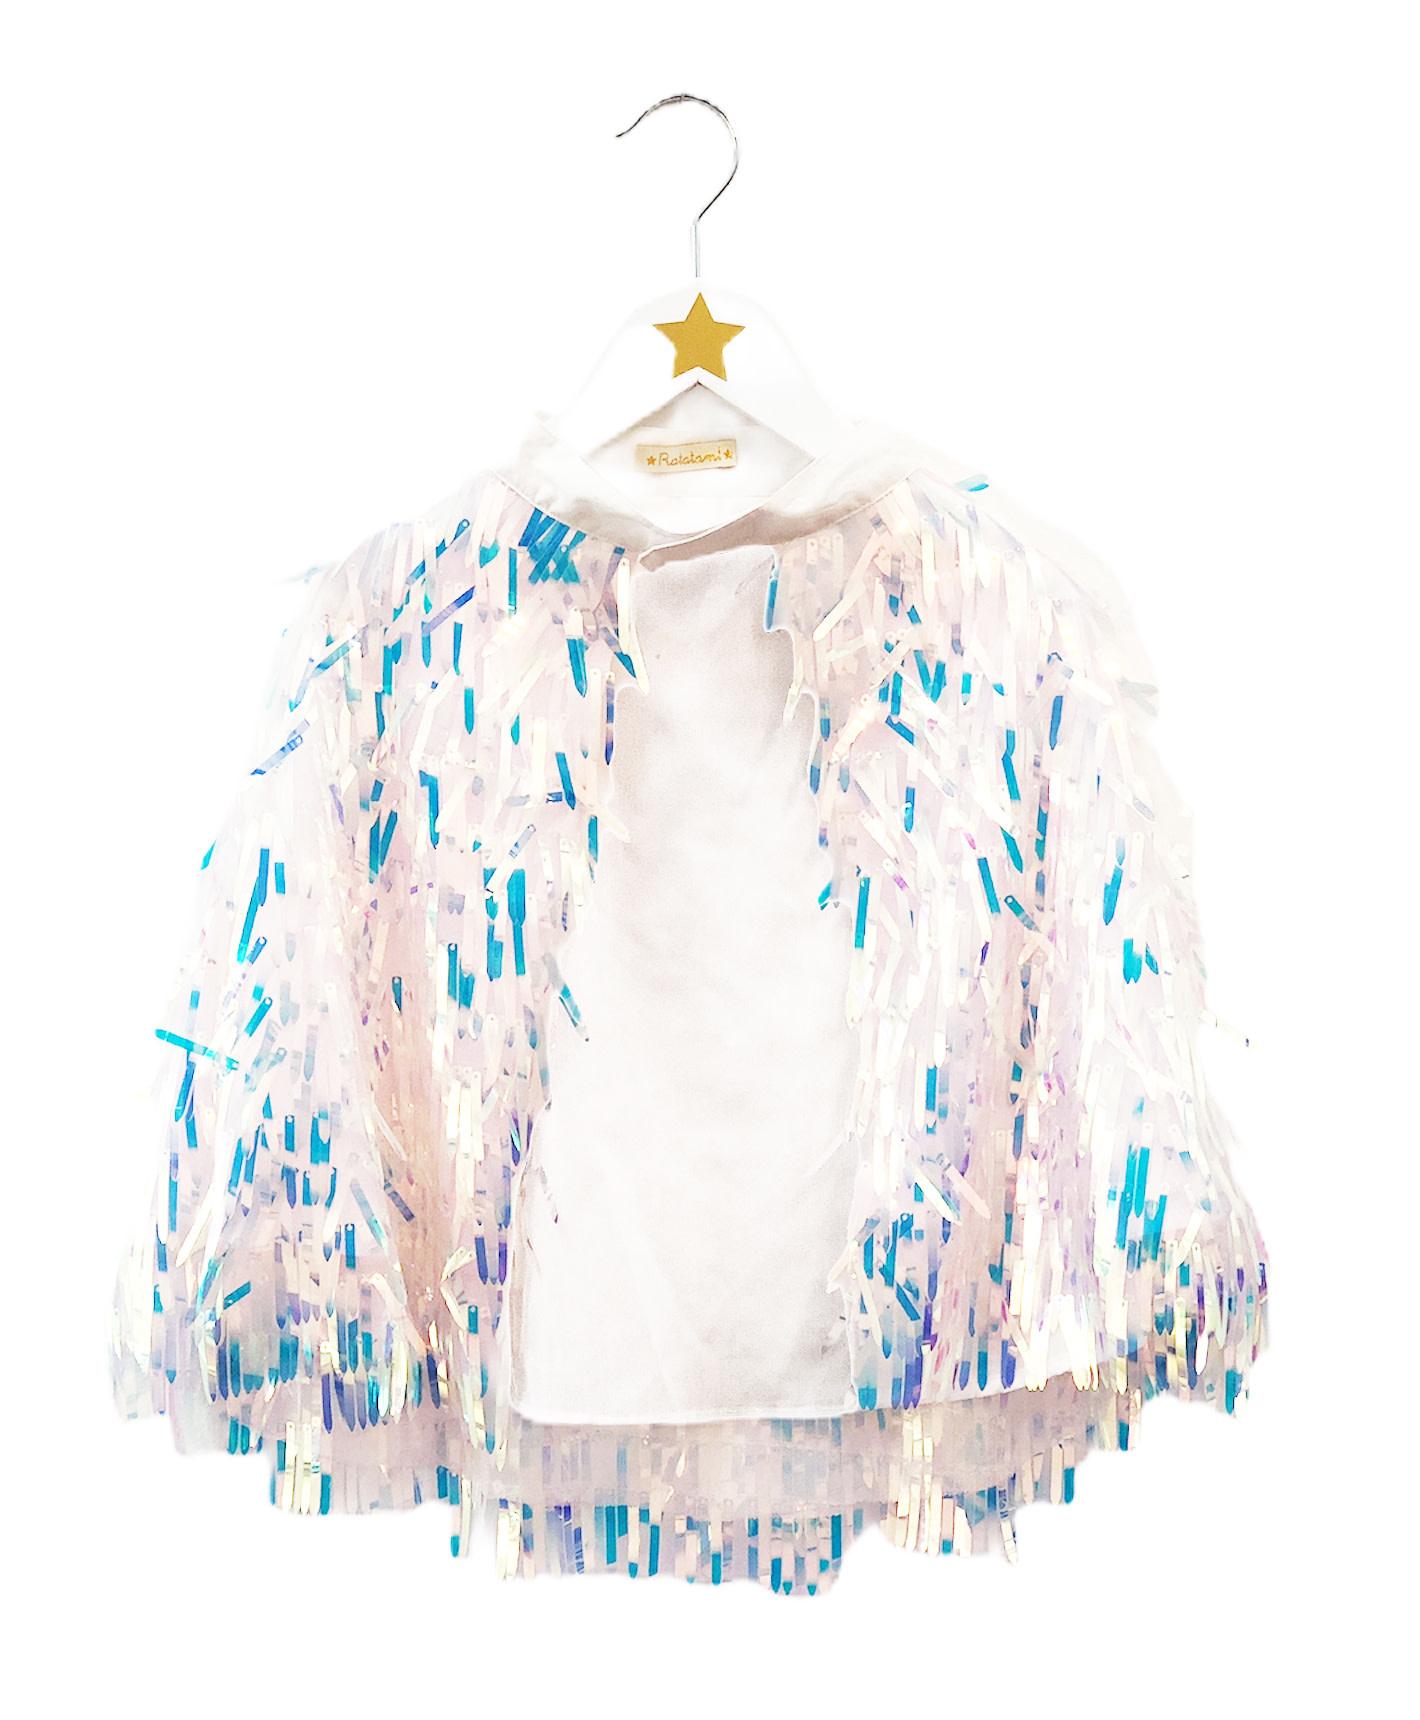 RATATAM iridescent fringe cape 1 size